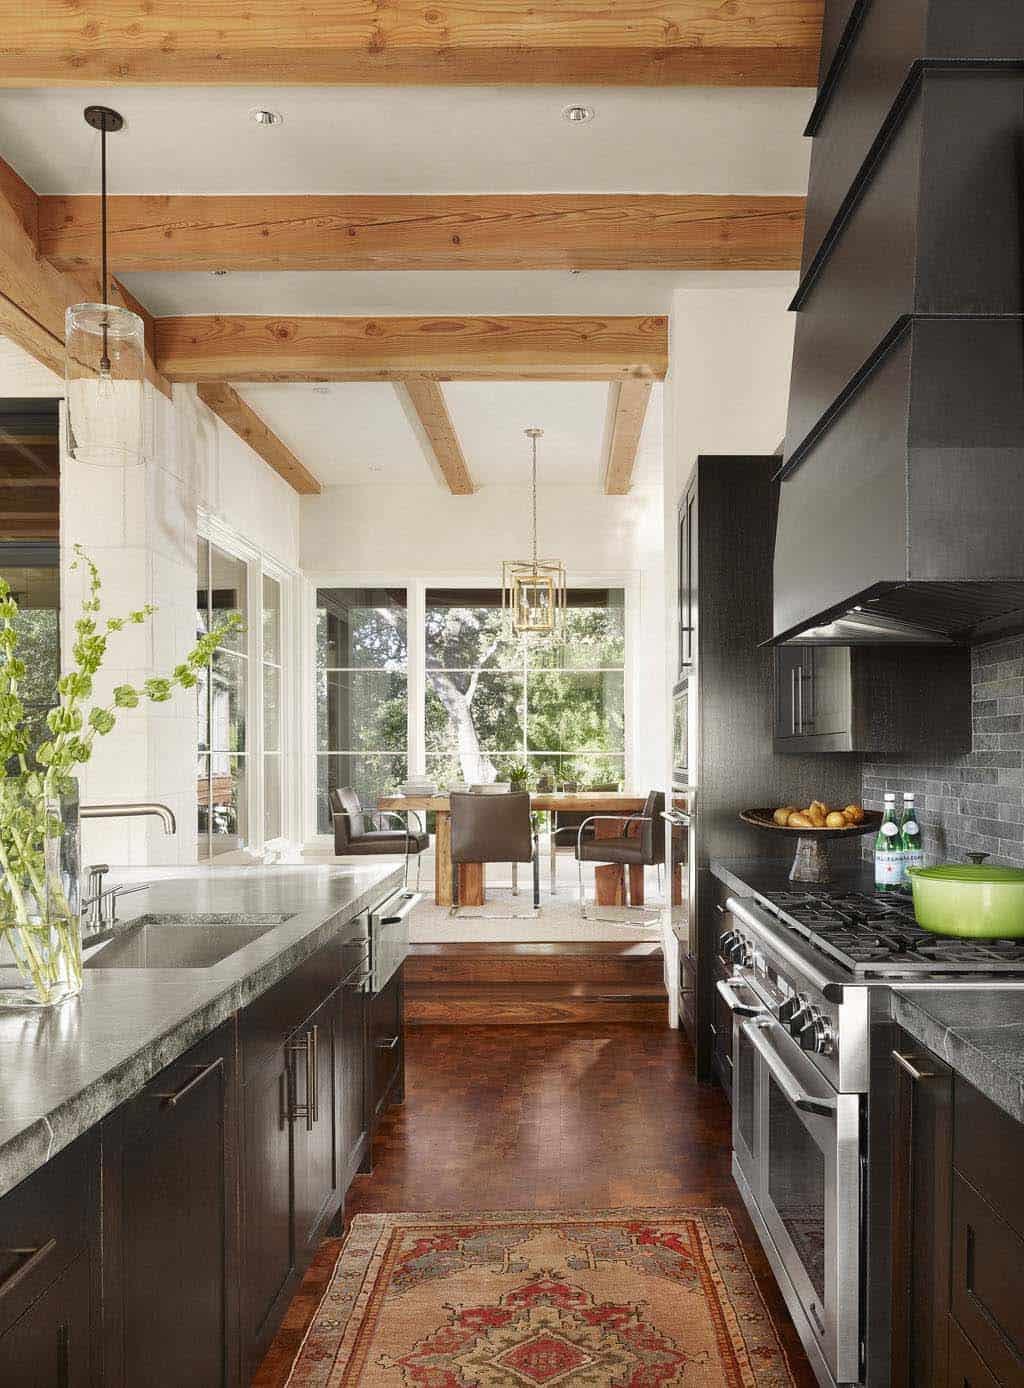 Rustic Modern Home-Mark Ashby Design-08-1 Kindesign